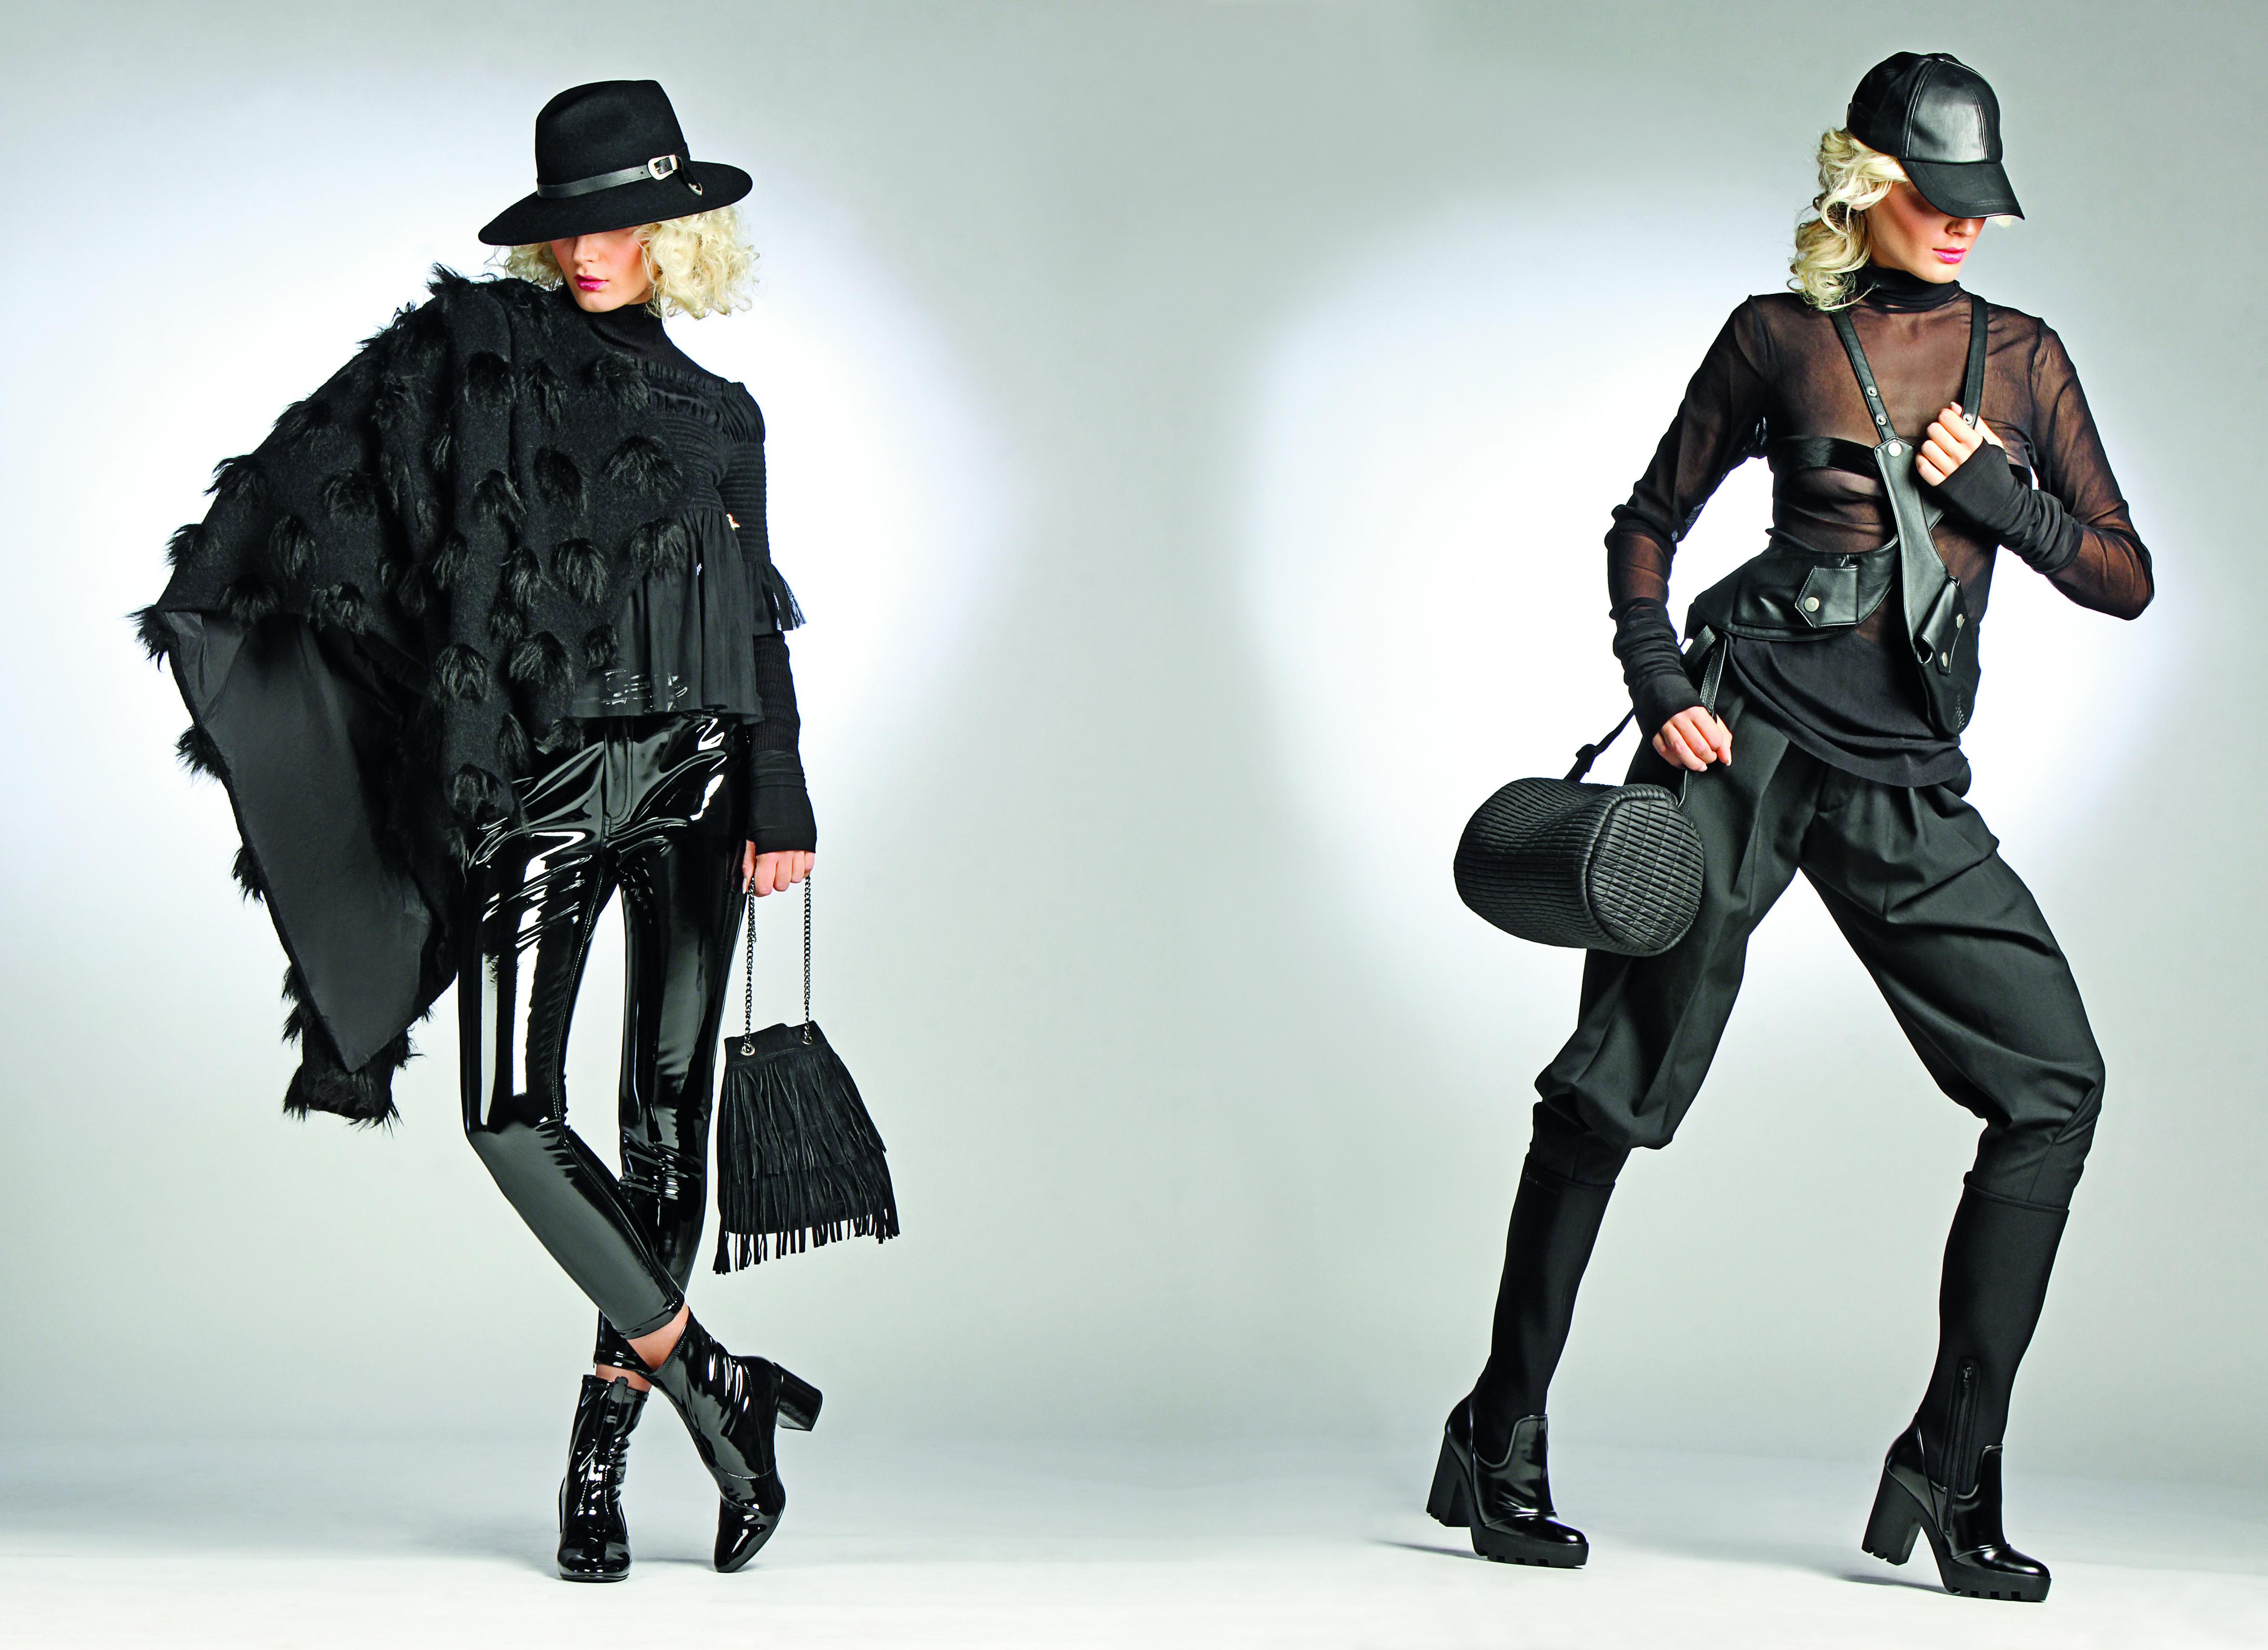 Vunena jakna 1330 kn, XD Xenia Design; vunena dolčevita 2012 kn, Patrizia Pepe; hlače od poliestera 349,90 kn, Mango; gležnjače od eko lak kože 349,90 kn, Mango; kožnata torba 229 kn, Caleidos